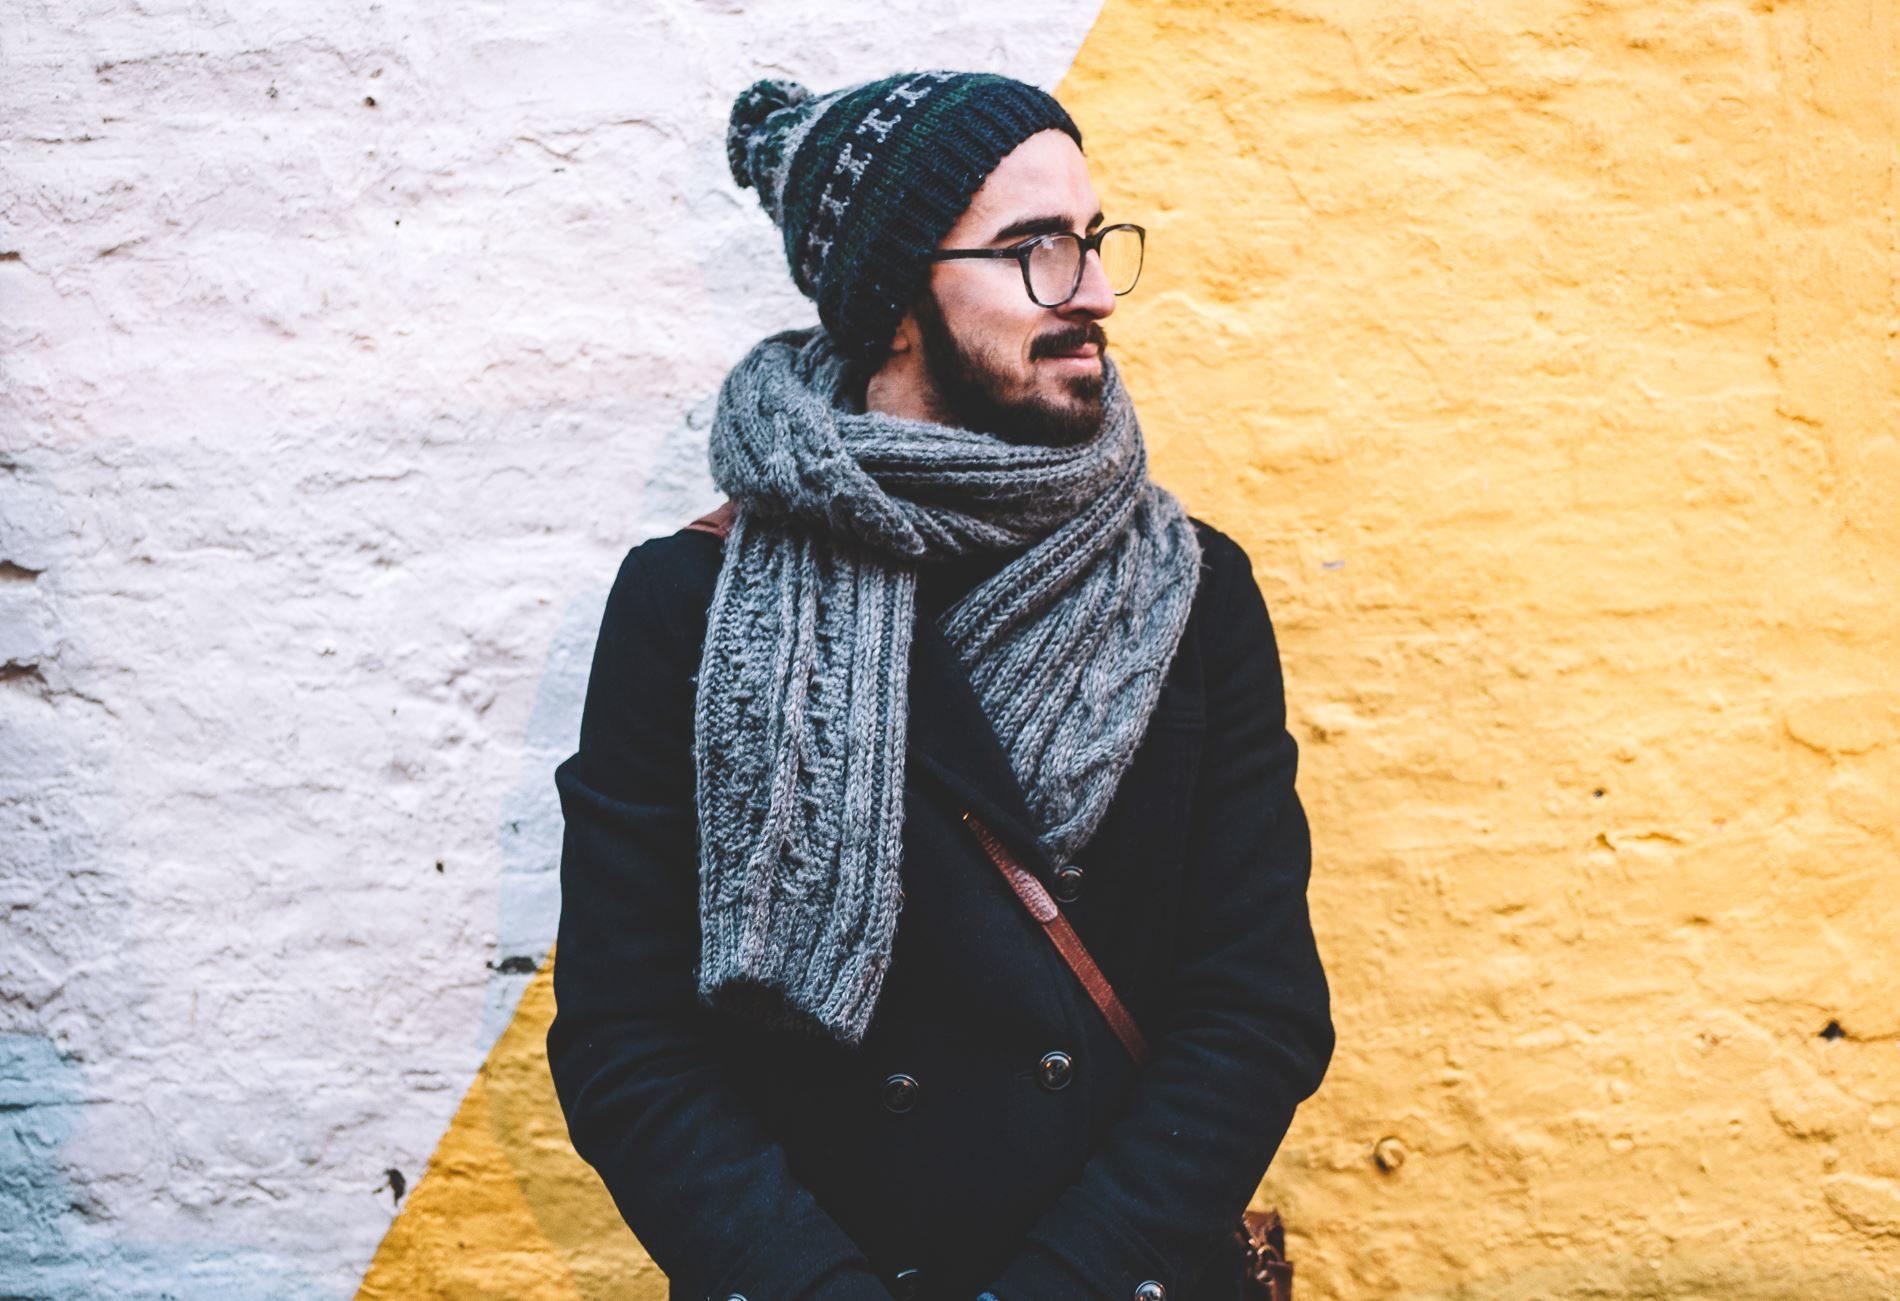 Comment porter une écharpe homme ?